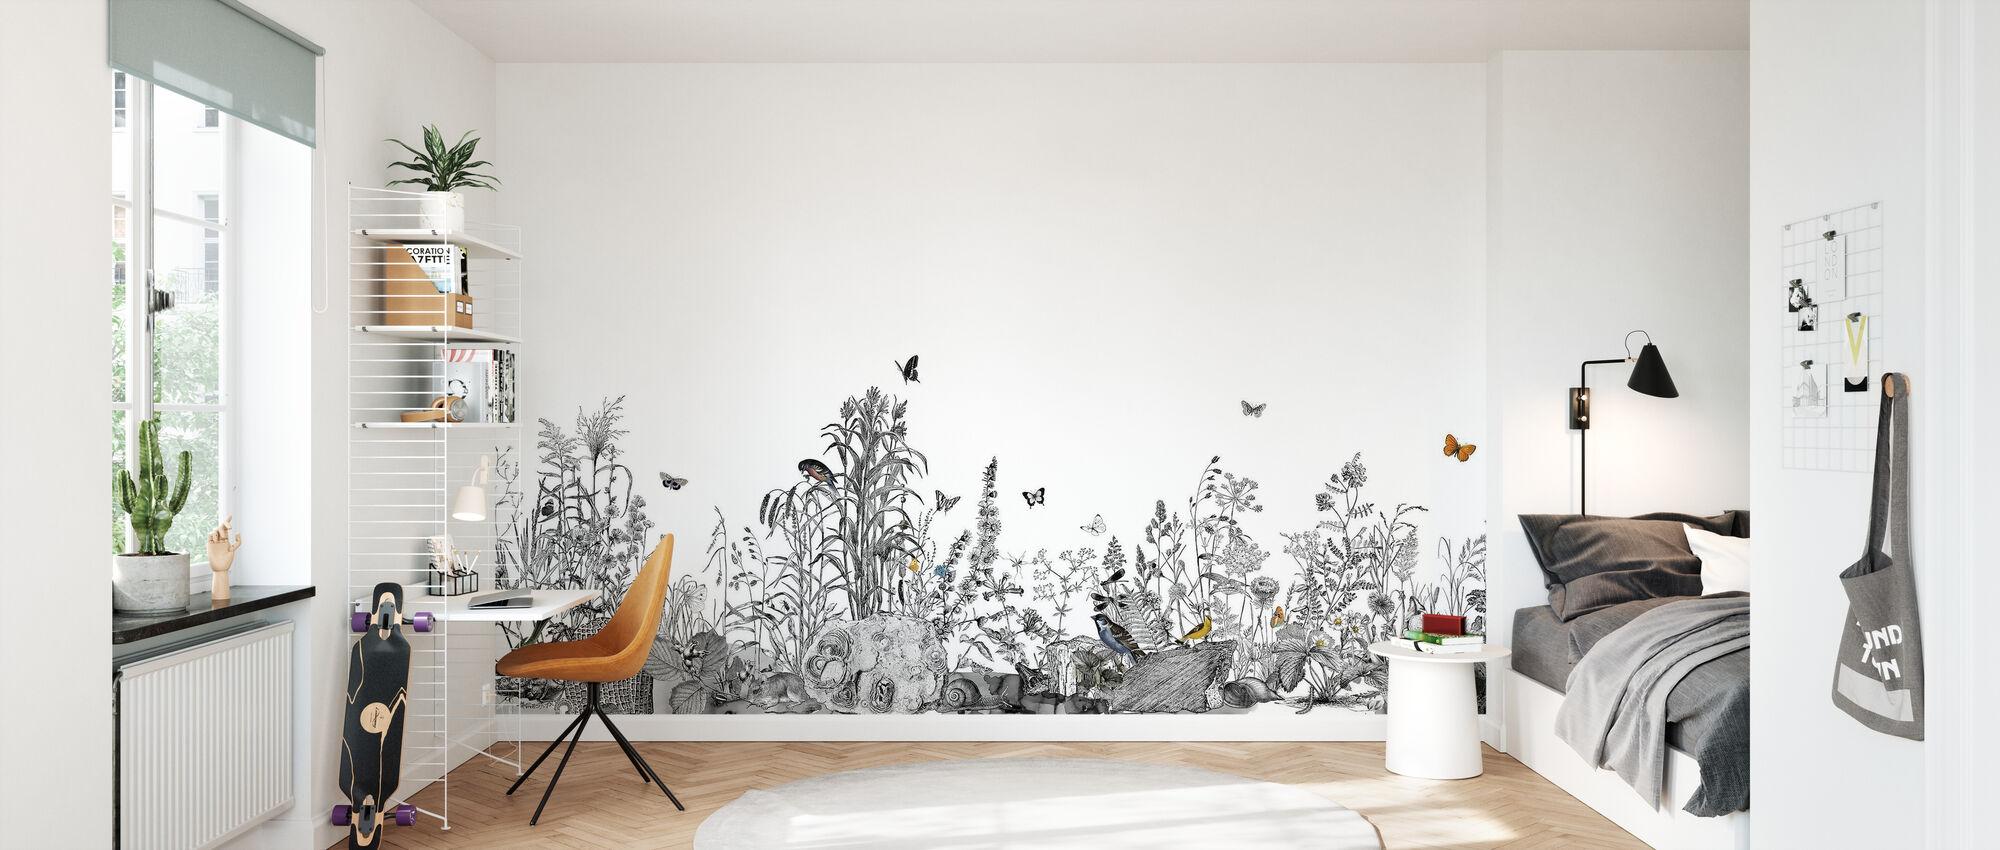 Snail Trail XL - Wallpaper - Kids Room